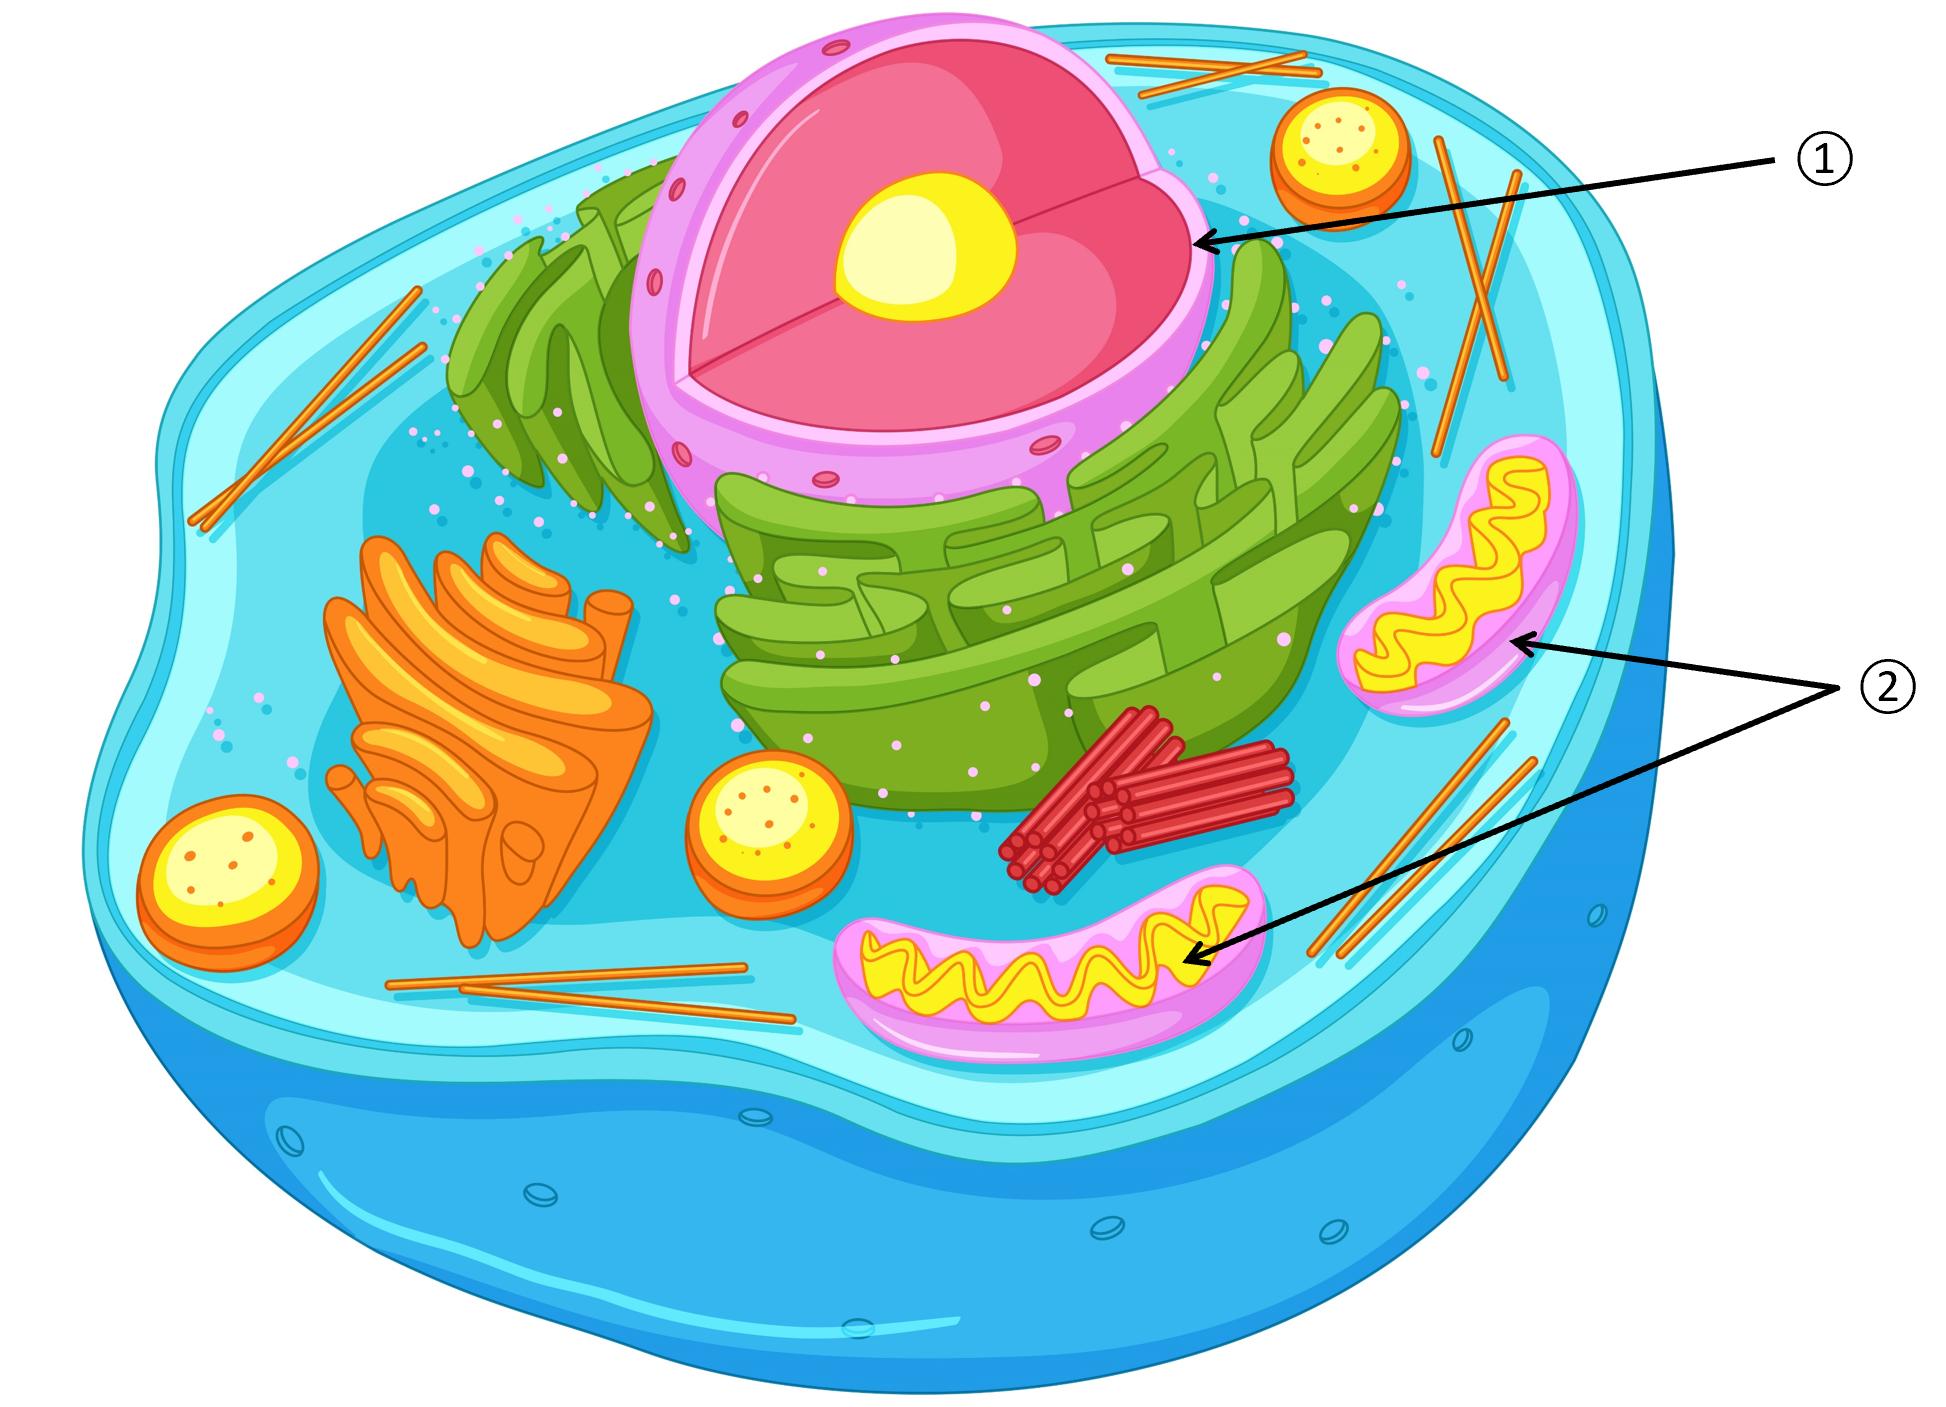 Au coeur de la cellule, le noyau contient l'ADN et la membrane contient les mitochondries